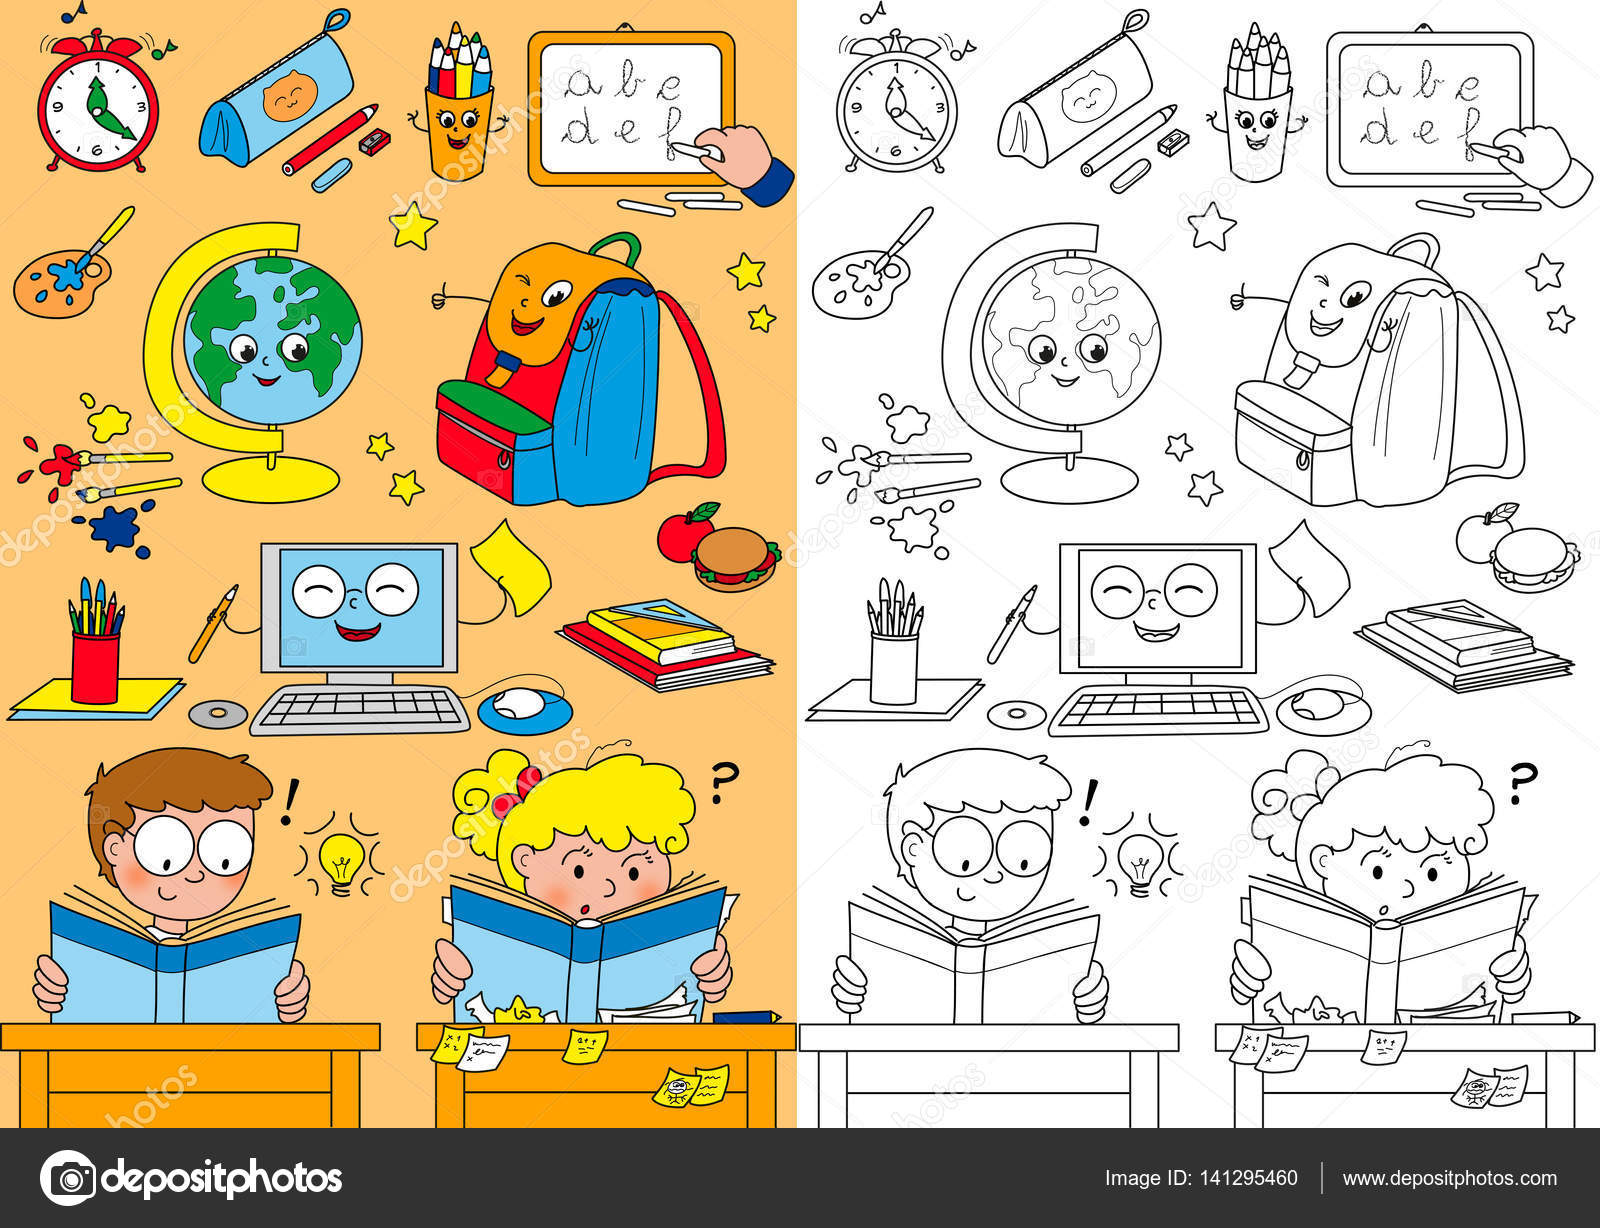 Malvorlagen Schule Elemente für kleine Kinder — Stockfoto ...